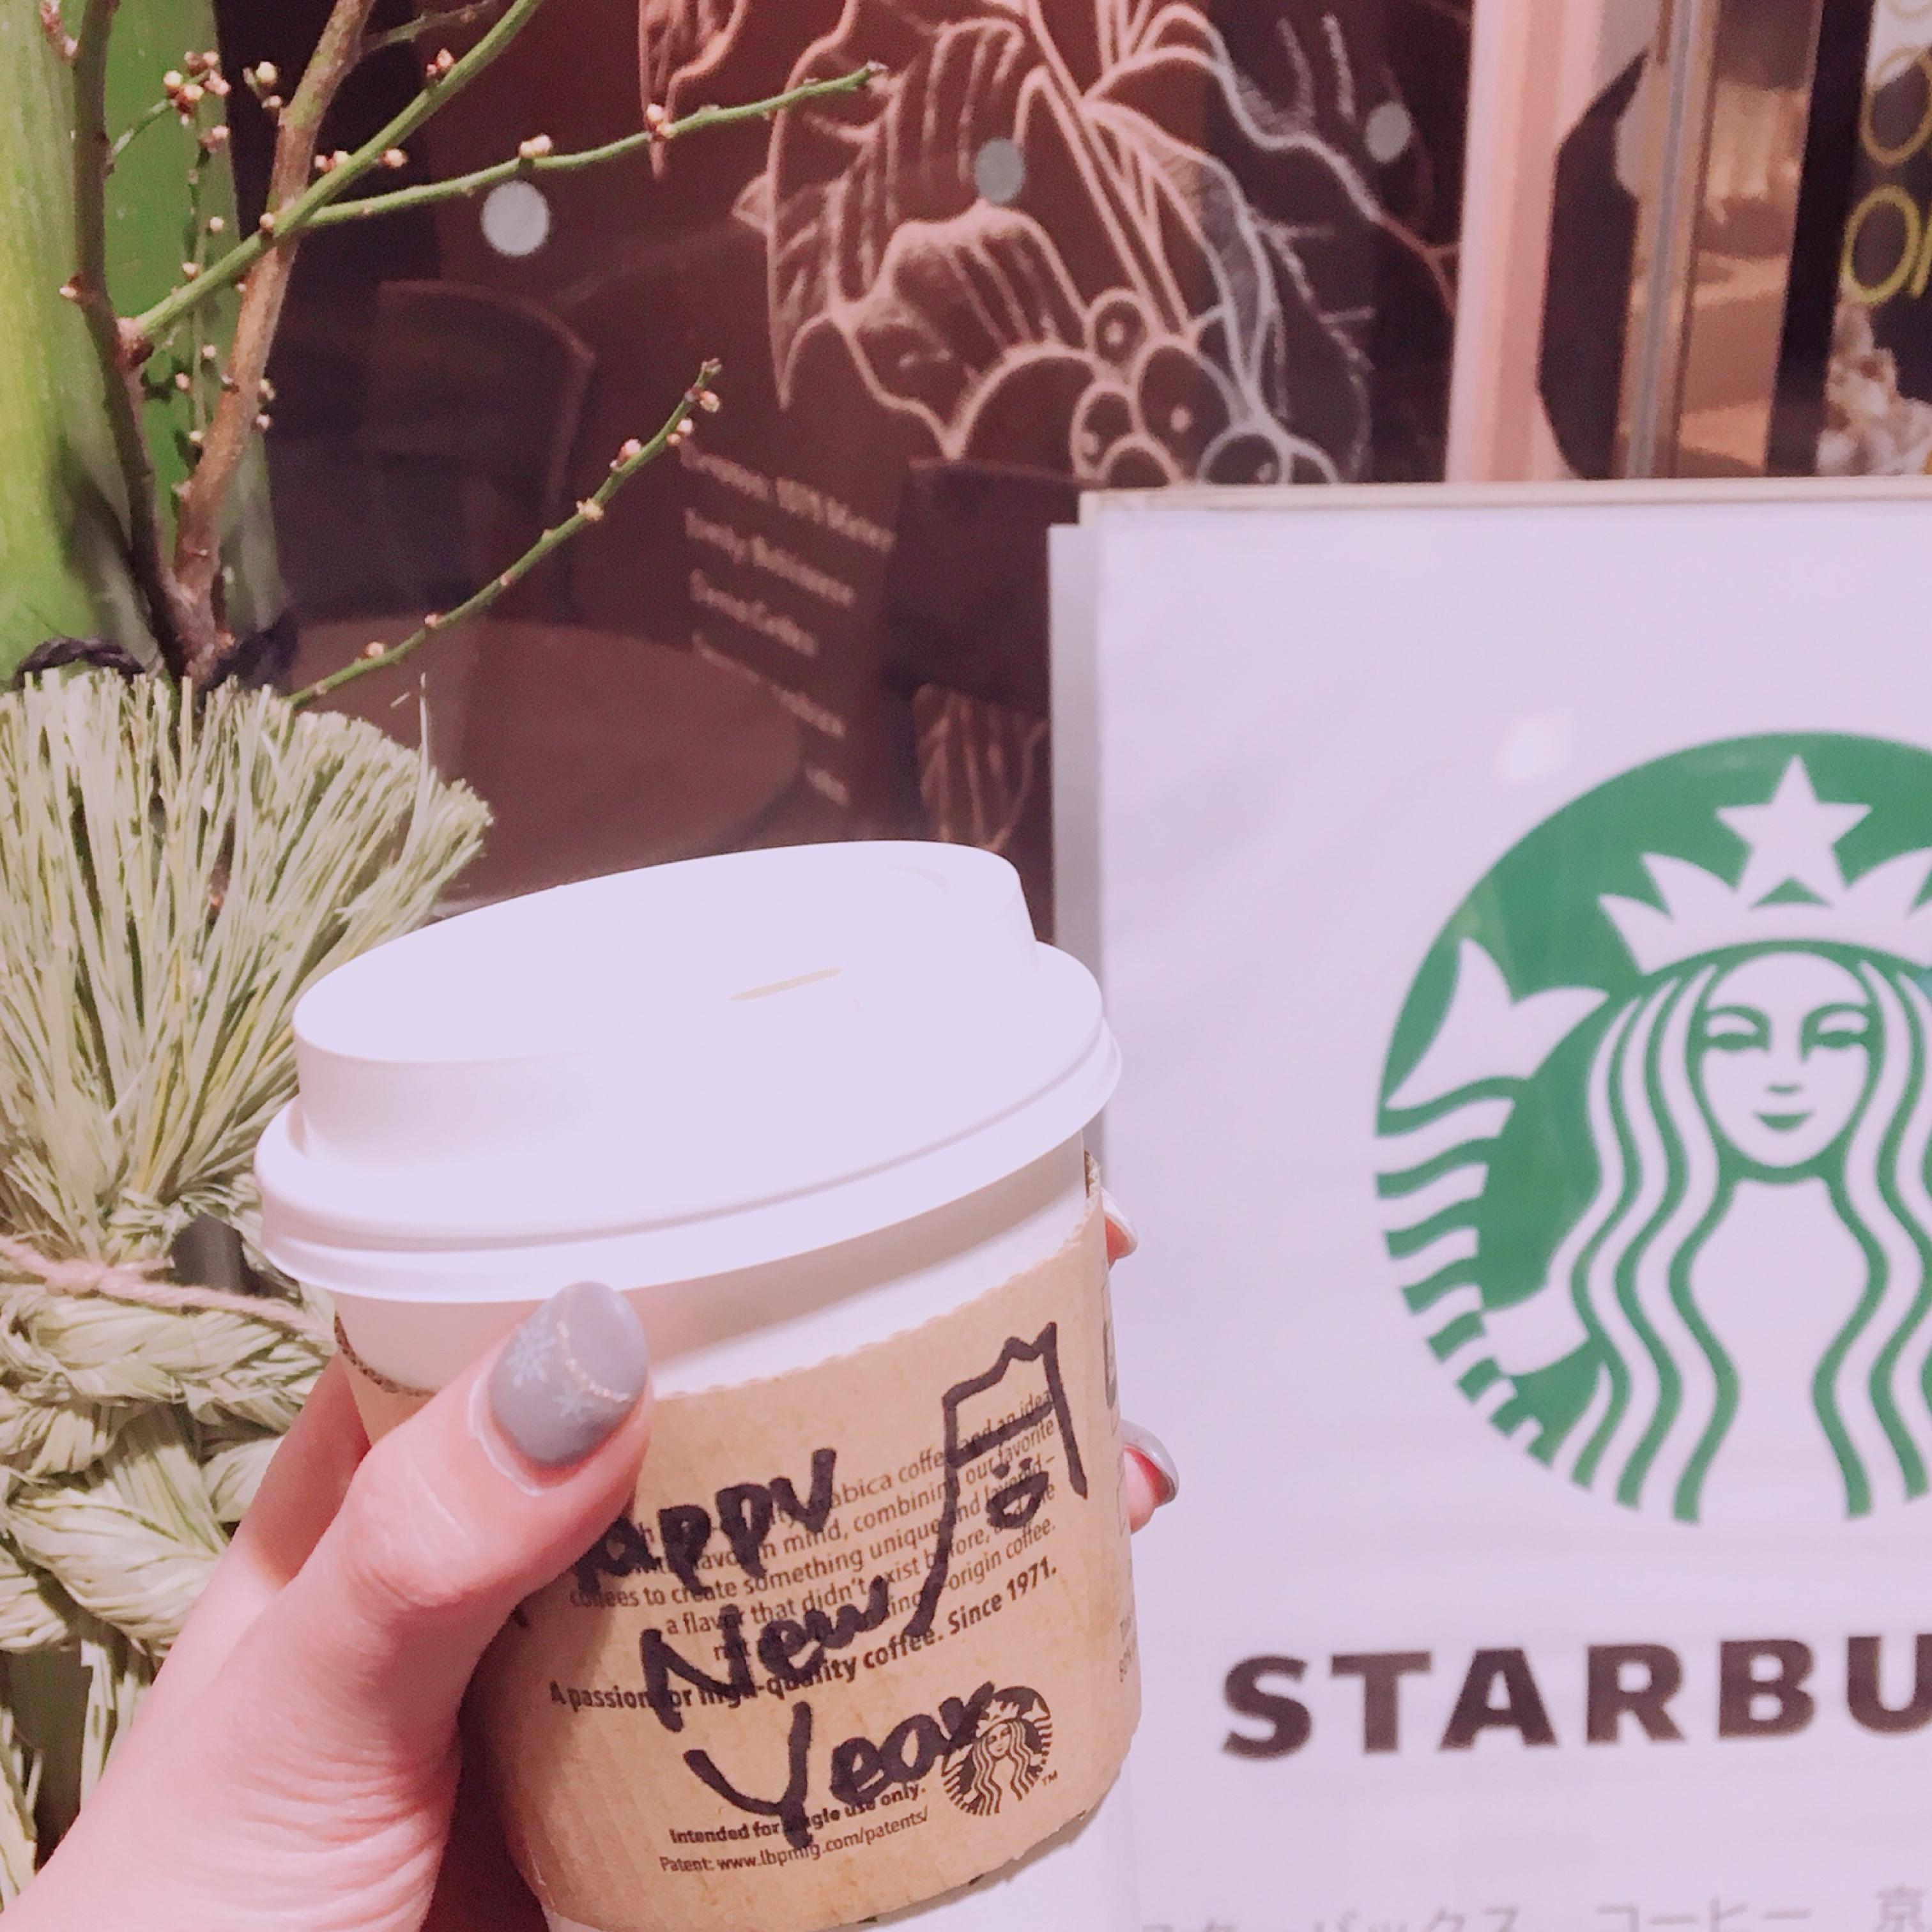 スタバ始め♡2019年最初に飲んだのはゴマゴマゴマラテ!_1